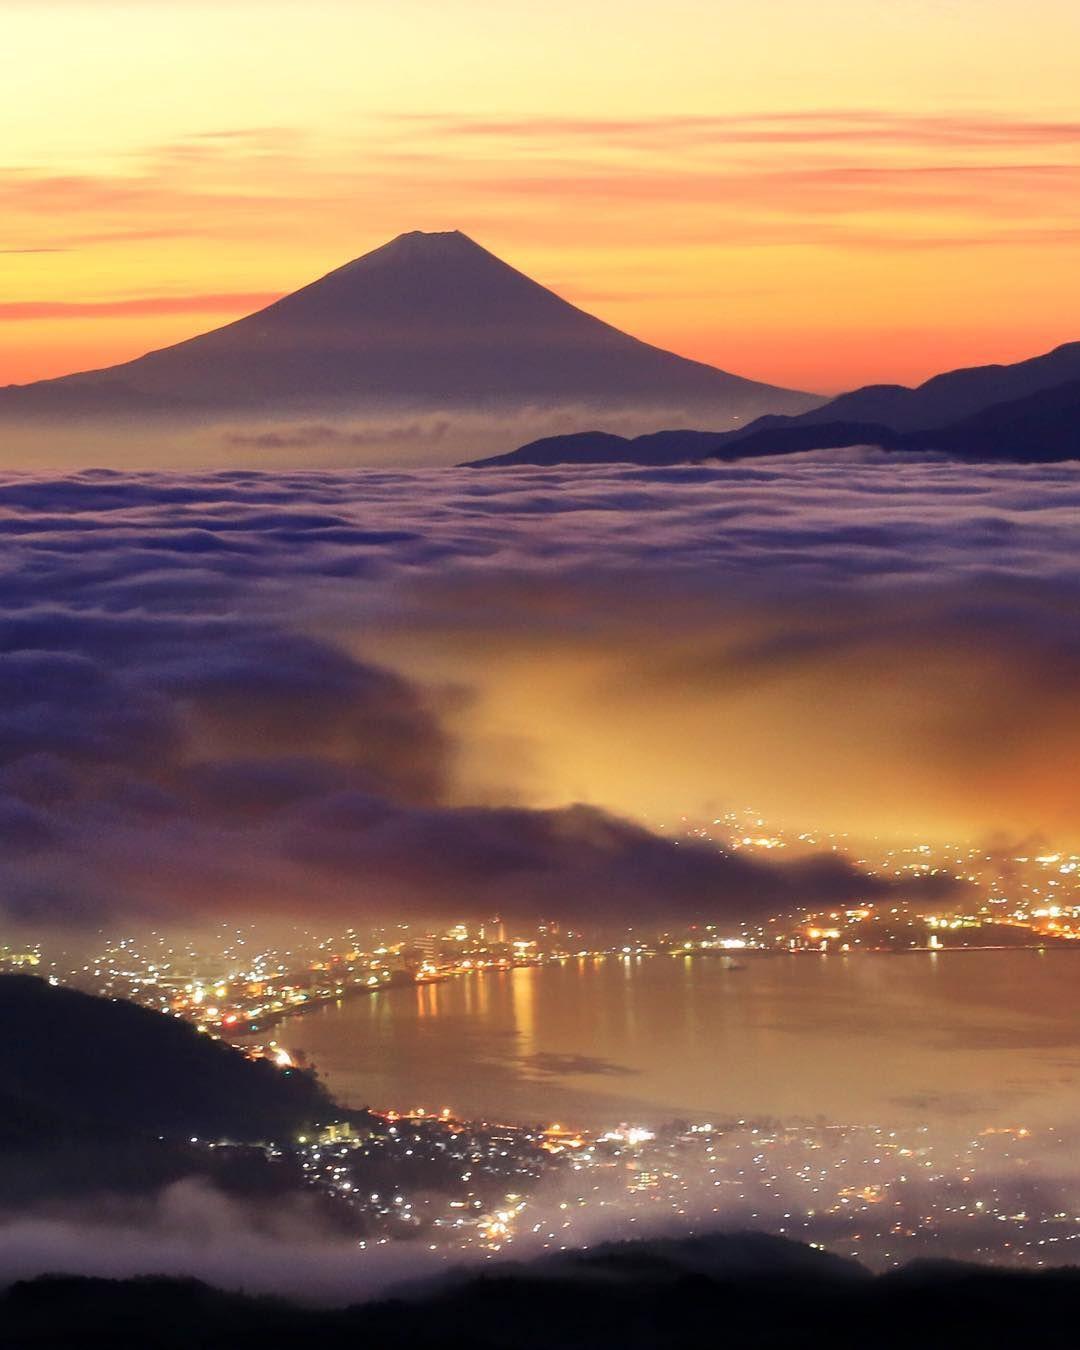 「下界には夜景の諏訪湖、その雲上に浮かぶ富士の姿。 何度見て美しい✨ 写真はカメラ部用にUPしました😅 #富士山 #東京カメラ部 #fujisan #team_jp_ #japanfocus #IGersjp #world_capture #wu_asia #Top_ #INSTA_CREW…」 #fujisan #IGersjp #Instagram #japanfocus #teamjp #Top #worldcapture #wuasia #下界には夜景の諏訪湖その雲上に浮かぶ富士の姿 #何度見て美しい #写真はカメラ部用にUPしました #富士山 #東京カメラ部 #橋向 #真富士山写真家